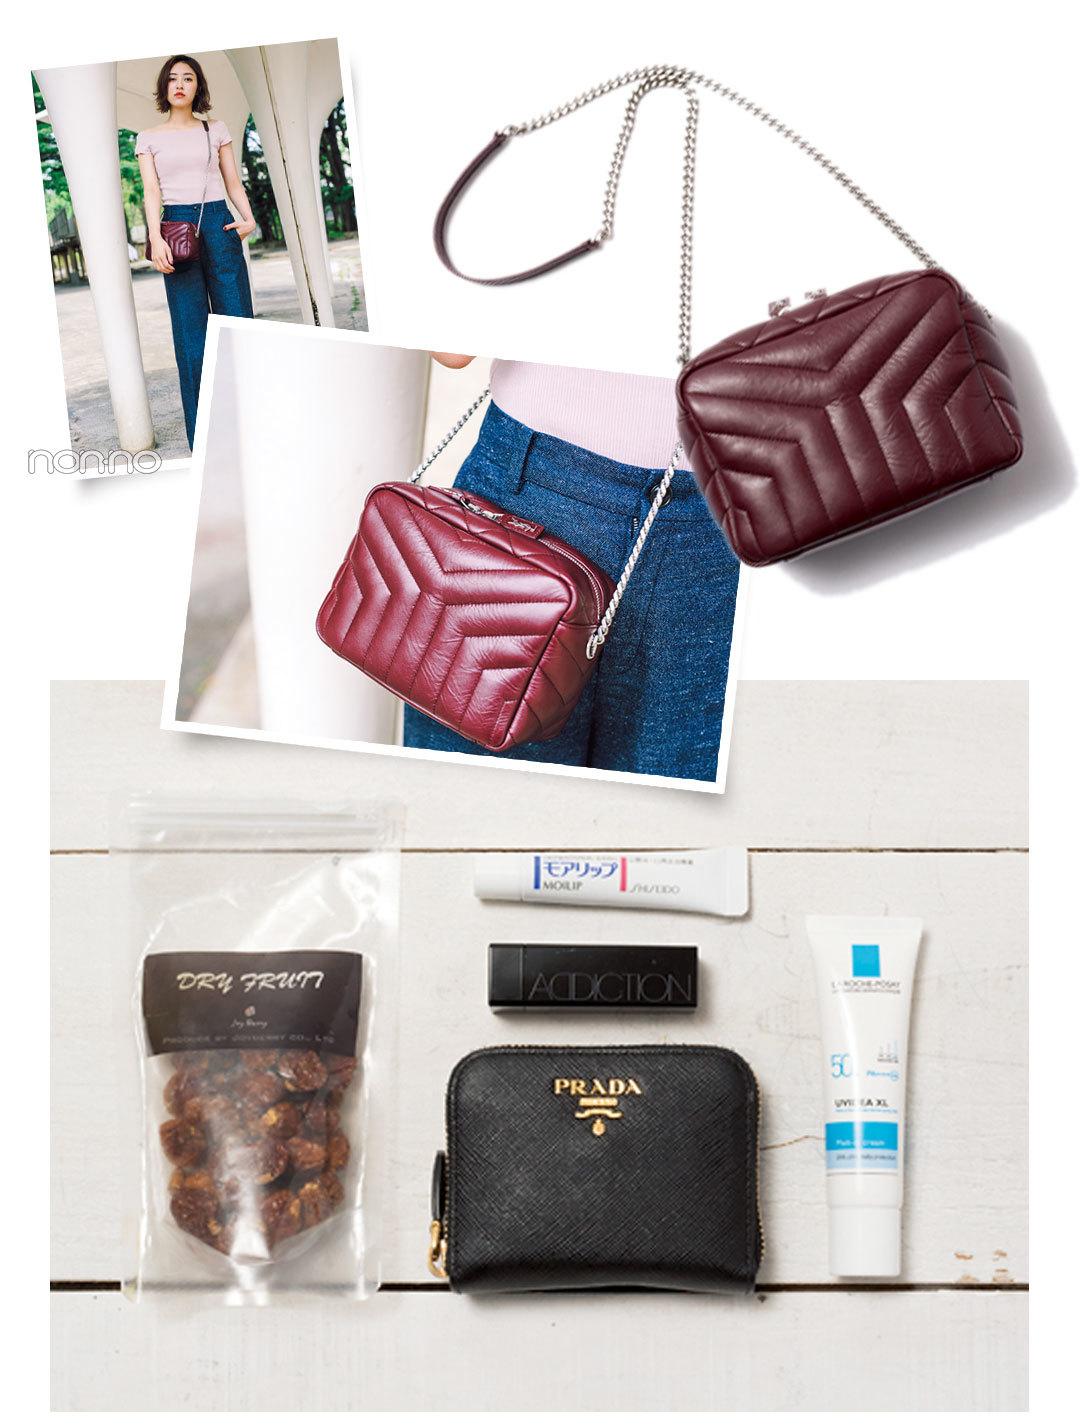 ノンノモデルのバッグとバッグの中身をのぞき見! サンローランのバッグも登場♡_1_1-4